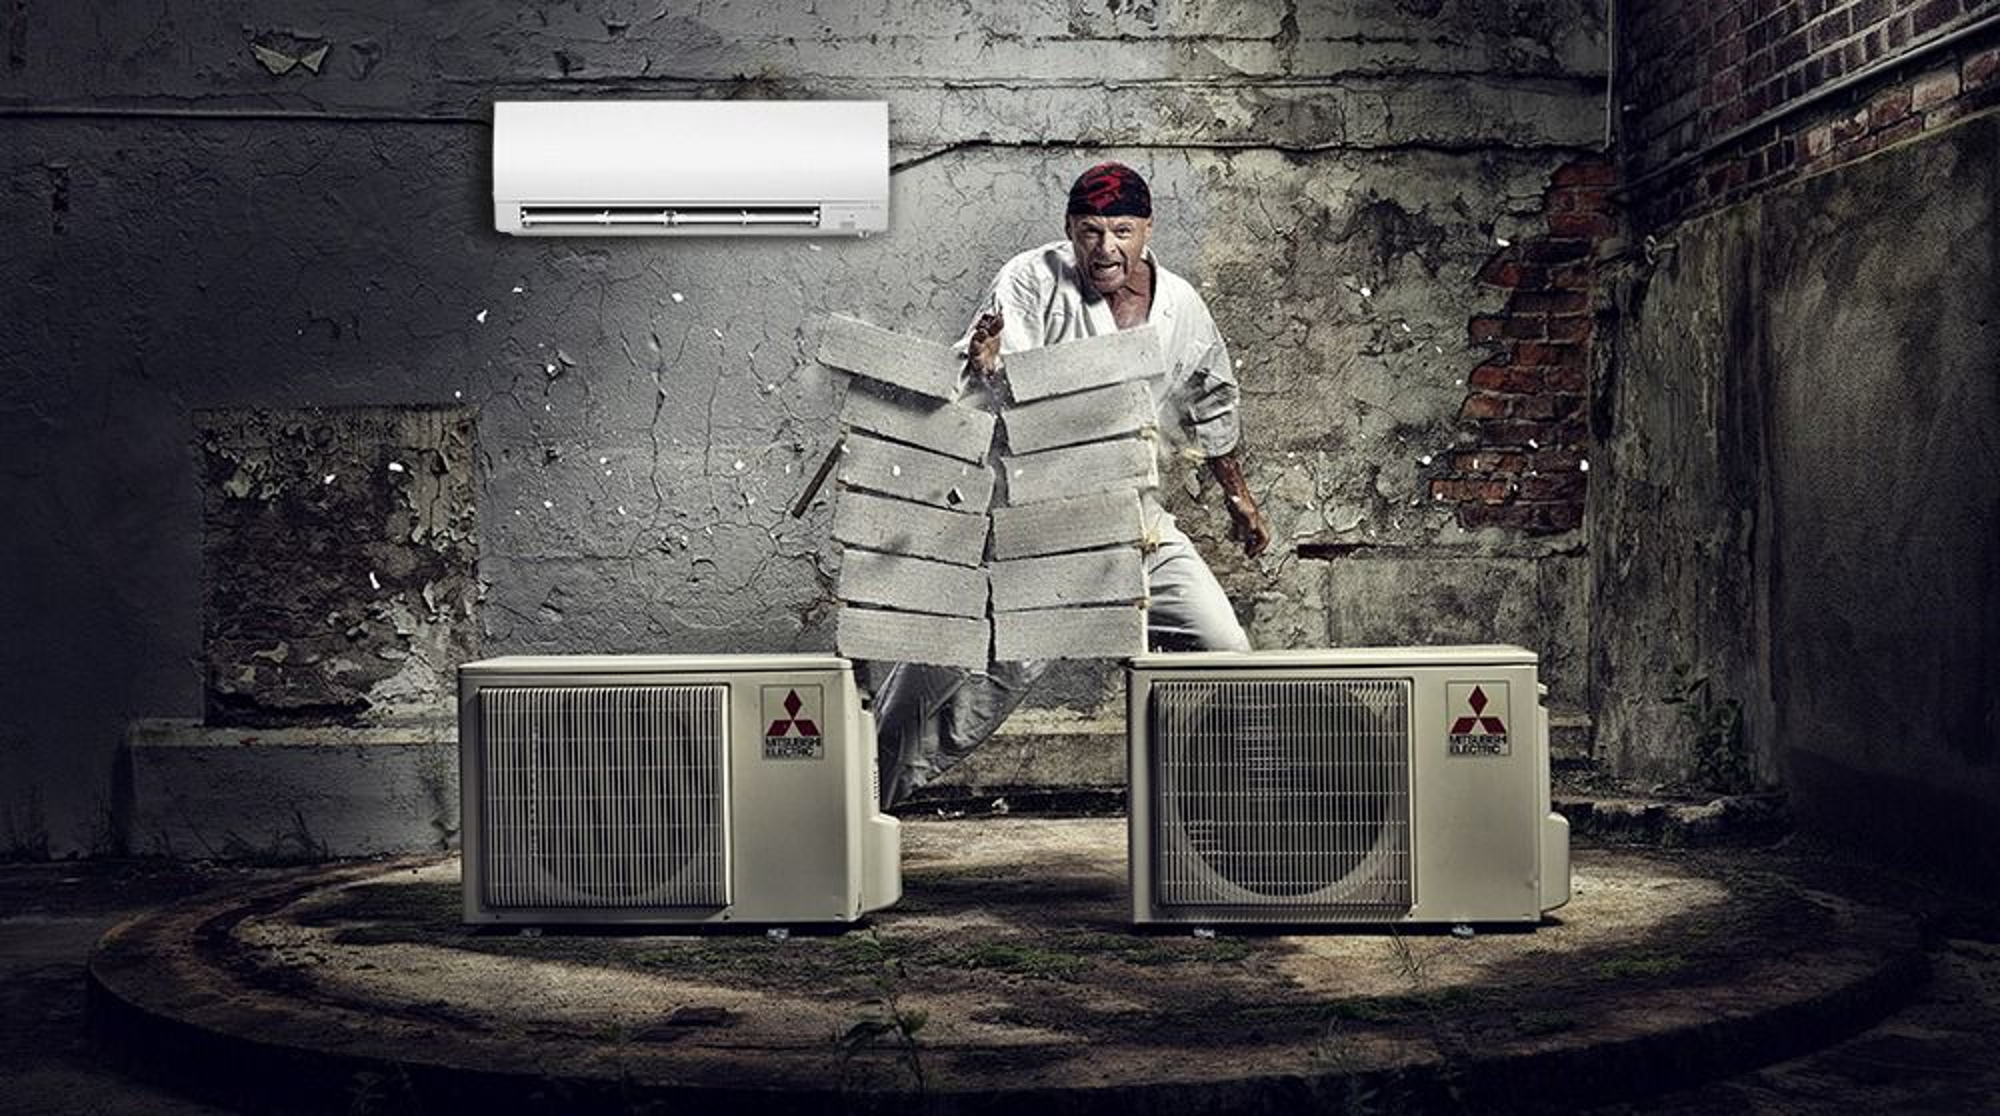 Denne varmepumpen er best for deg med stort hus, ifølge Forbrukerrådet.